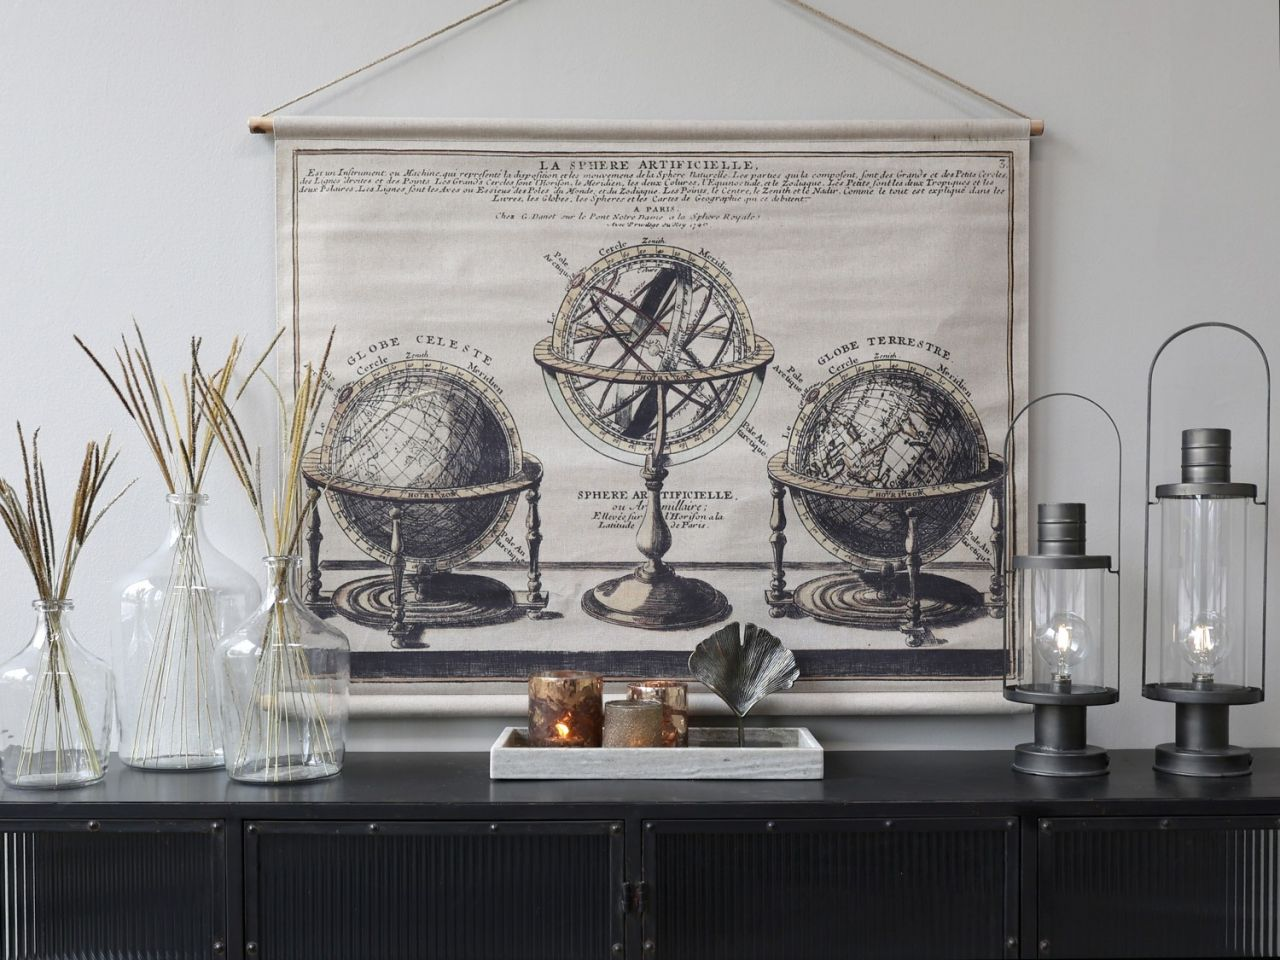 -Leinwandbild zum aufhängen mit Globus von Chic Antique-